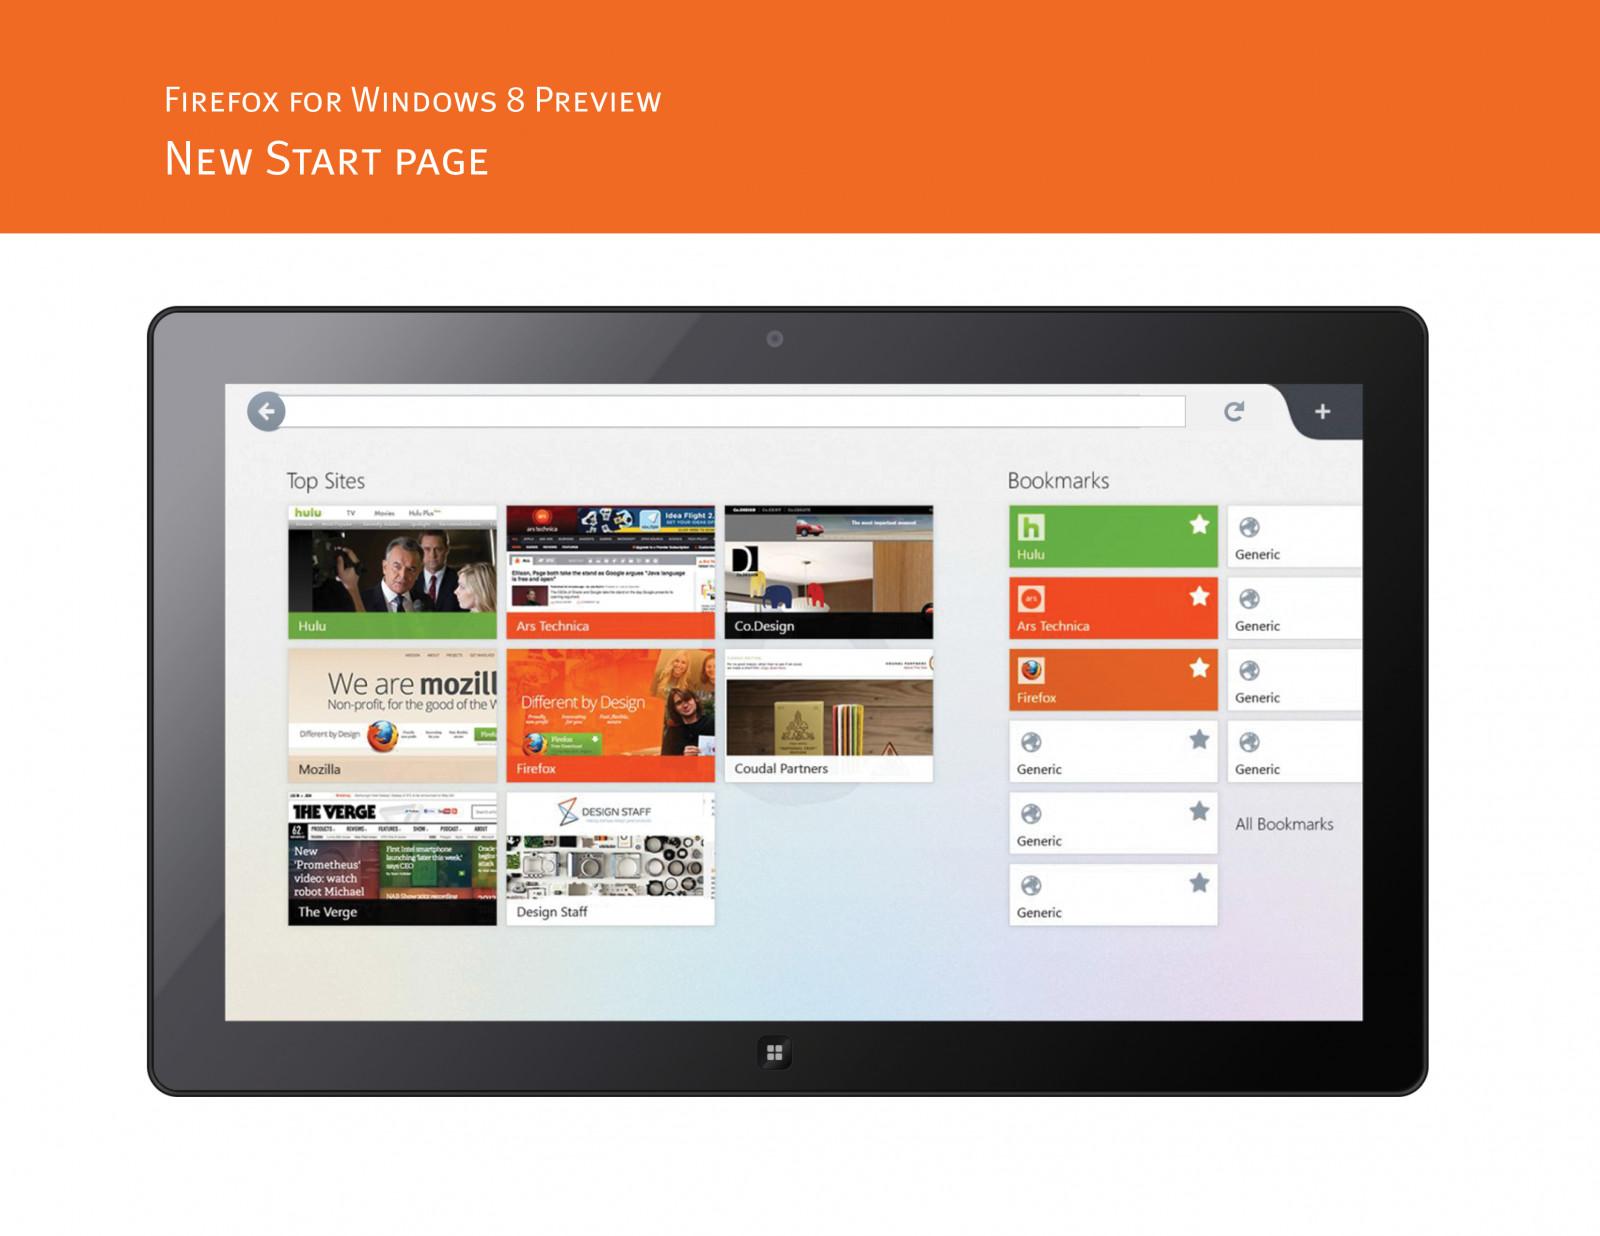 Firefox для Windows 8 с интерфейсом Modern появится в октябре